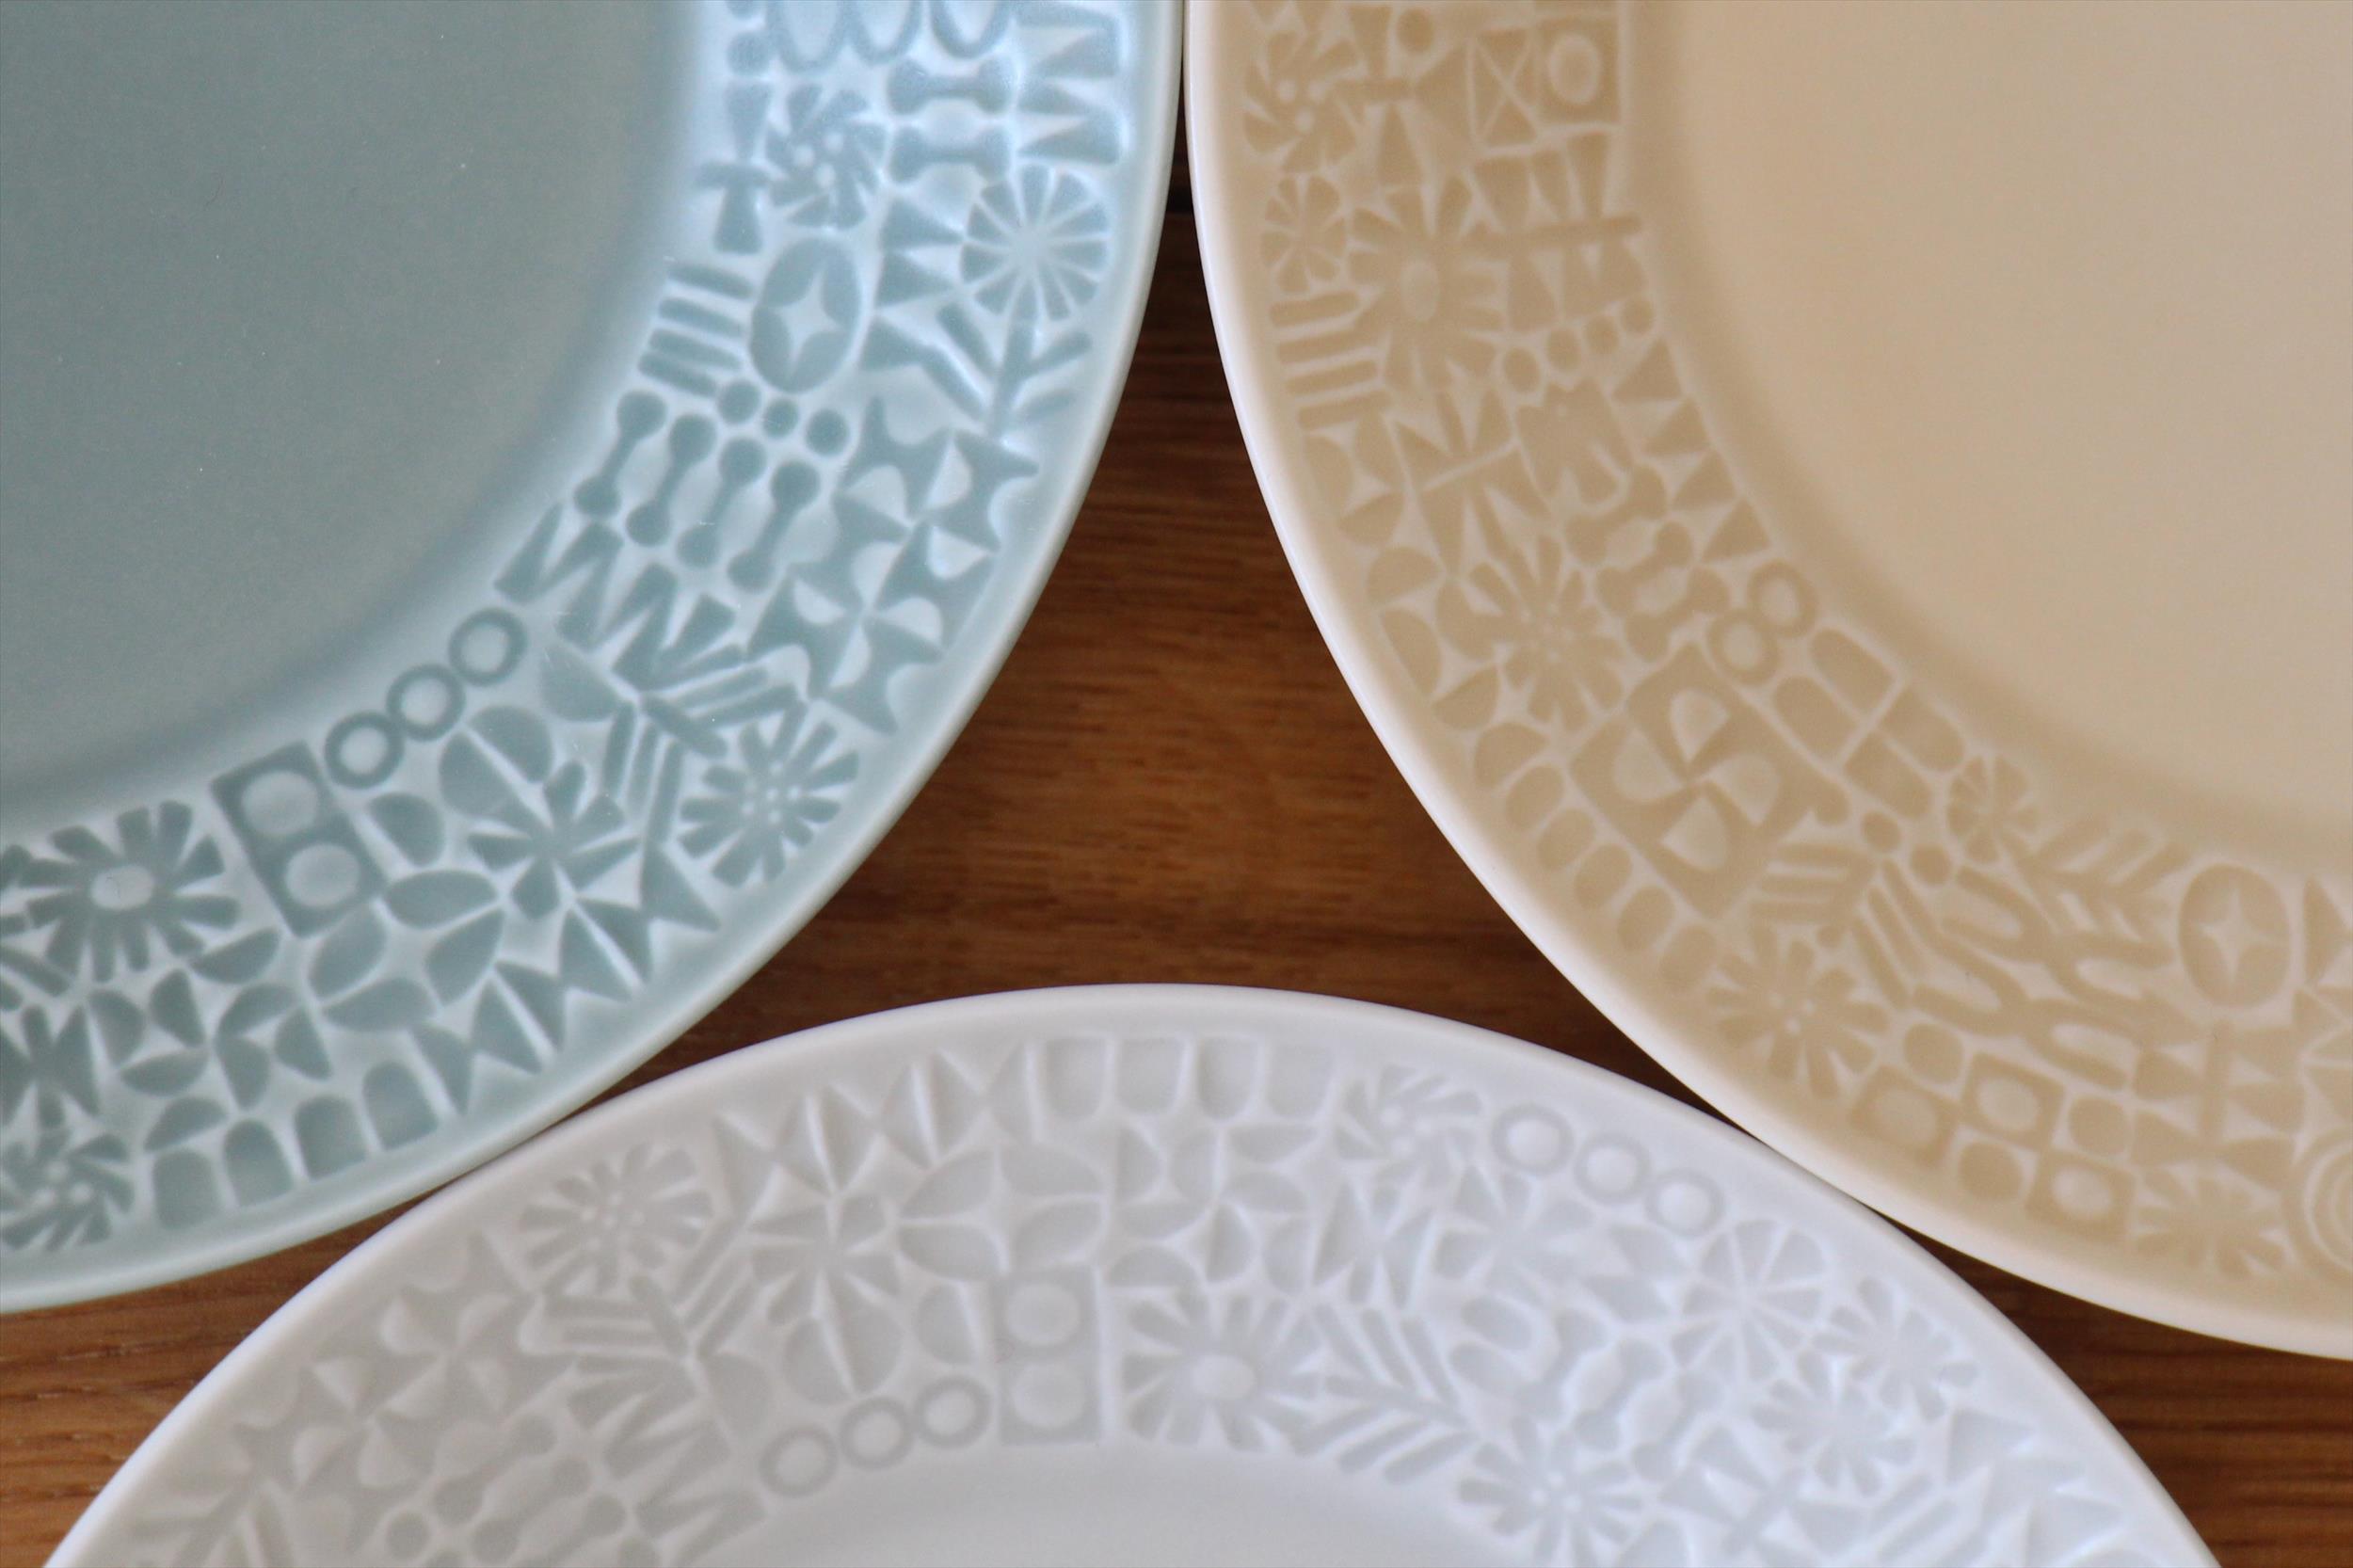 パステルカラーのお皿たち_b0165512_15281922.jpg